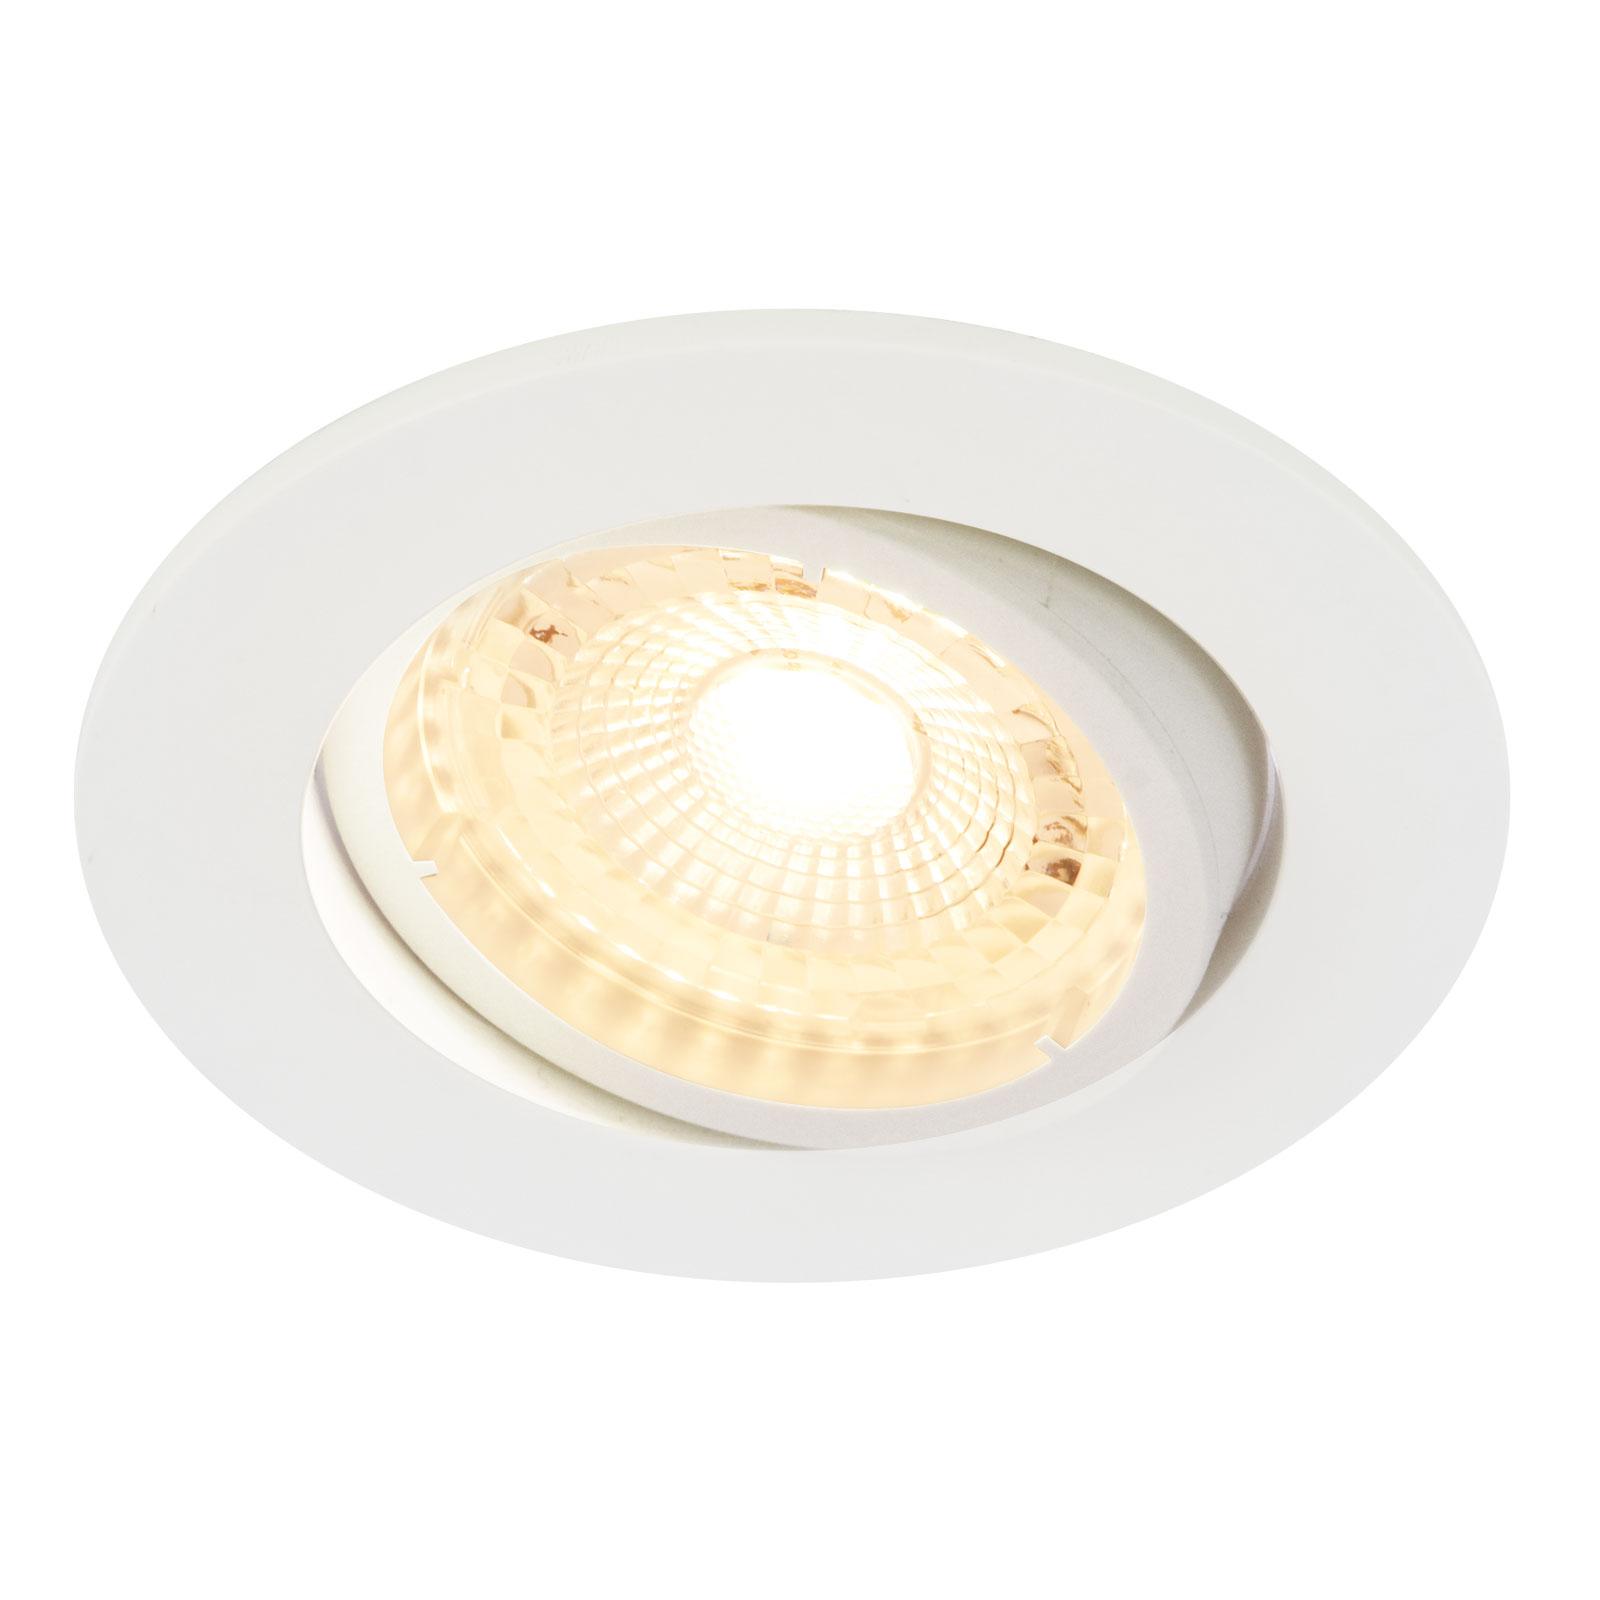 LED inbouwspot Octans 2.700K 3per set, wit